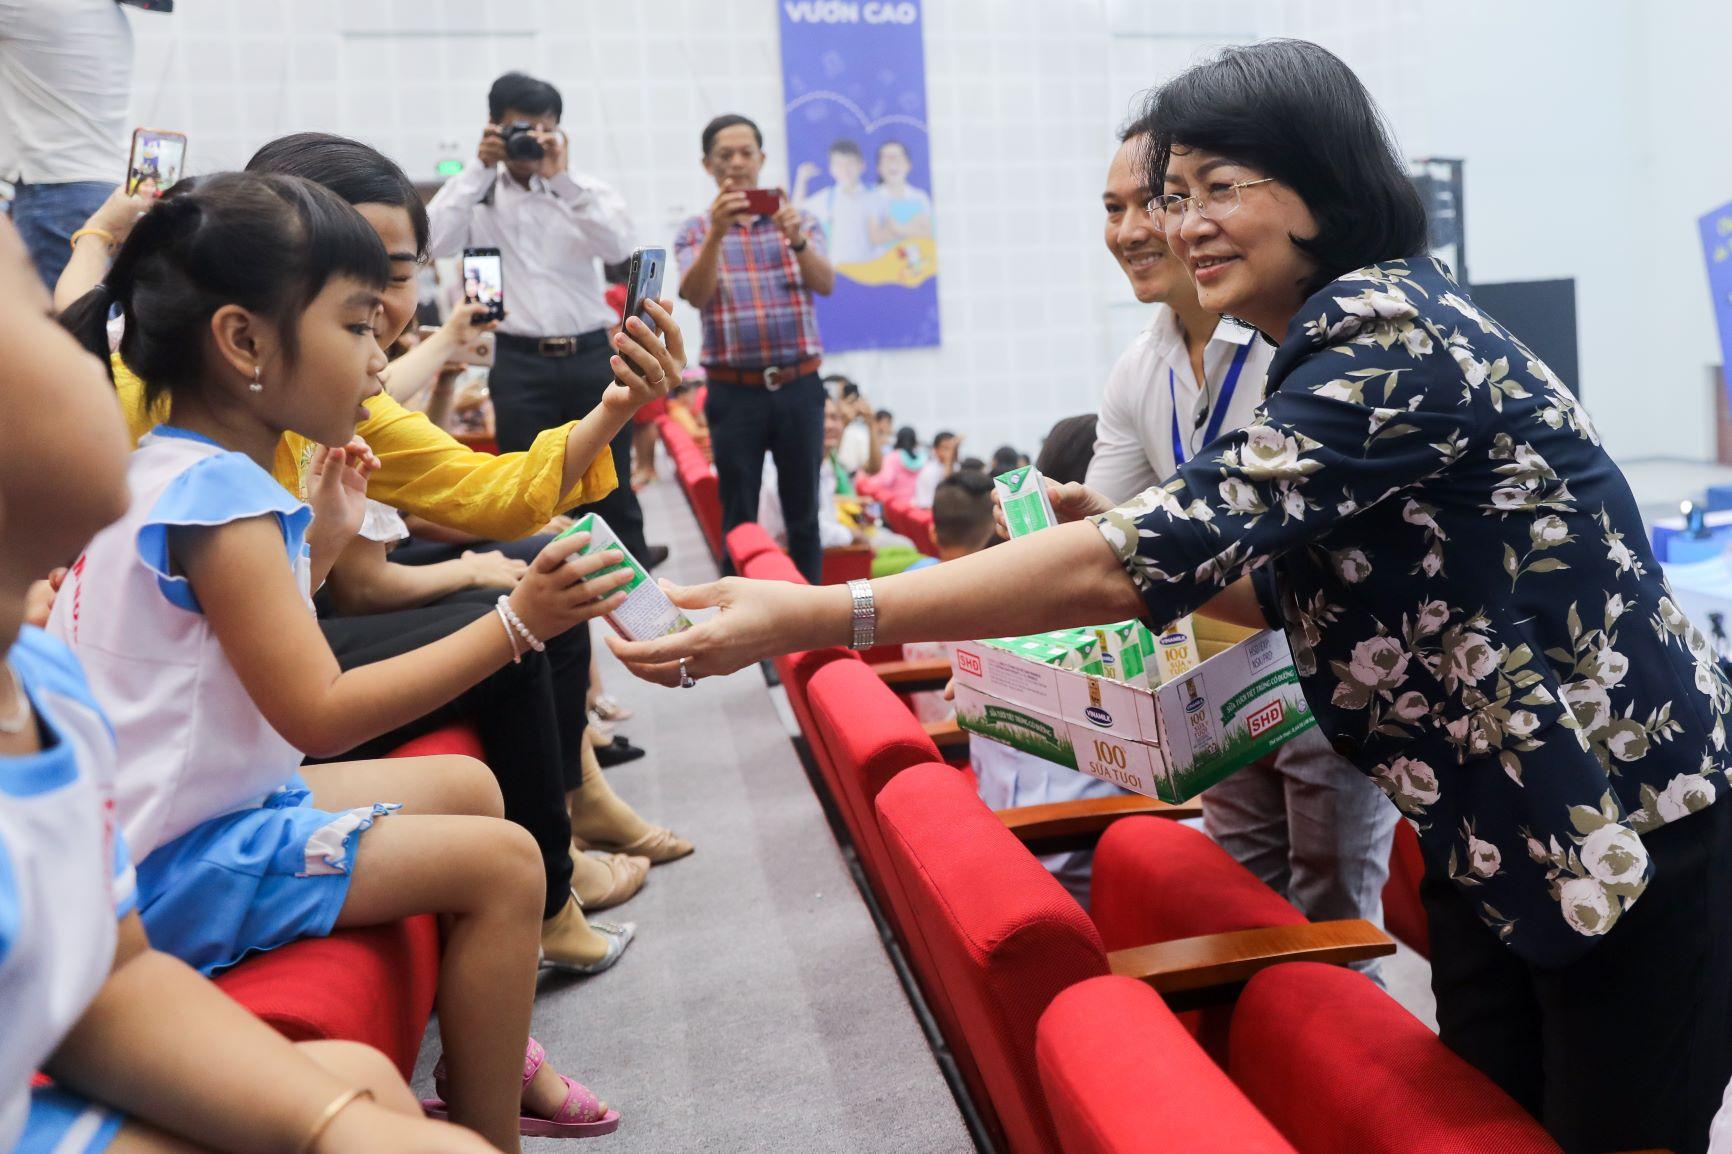 Vinamilk tổ chức Ngày hội Sữa học đường, mang niềm vui uống sữa tại trường đến với trẻ em Vĩnh Long 2